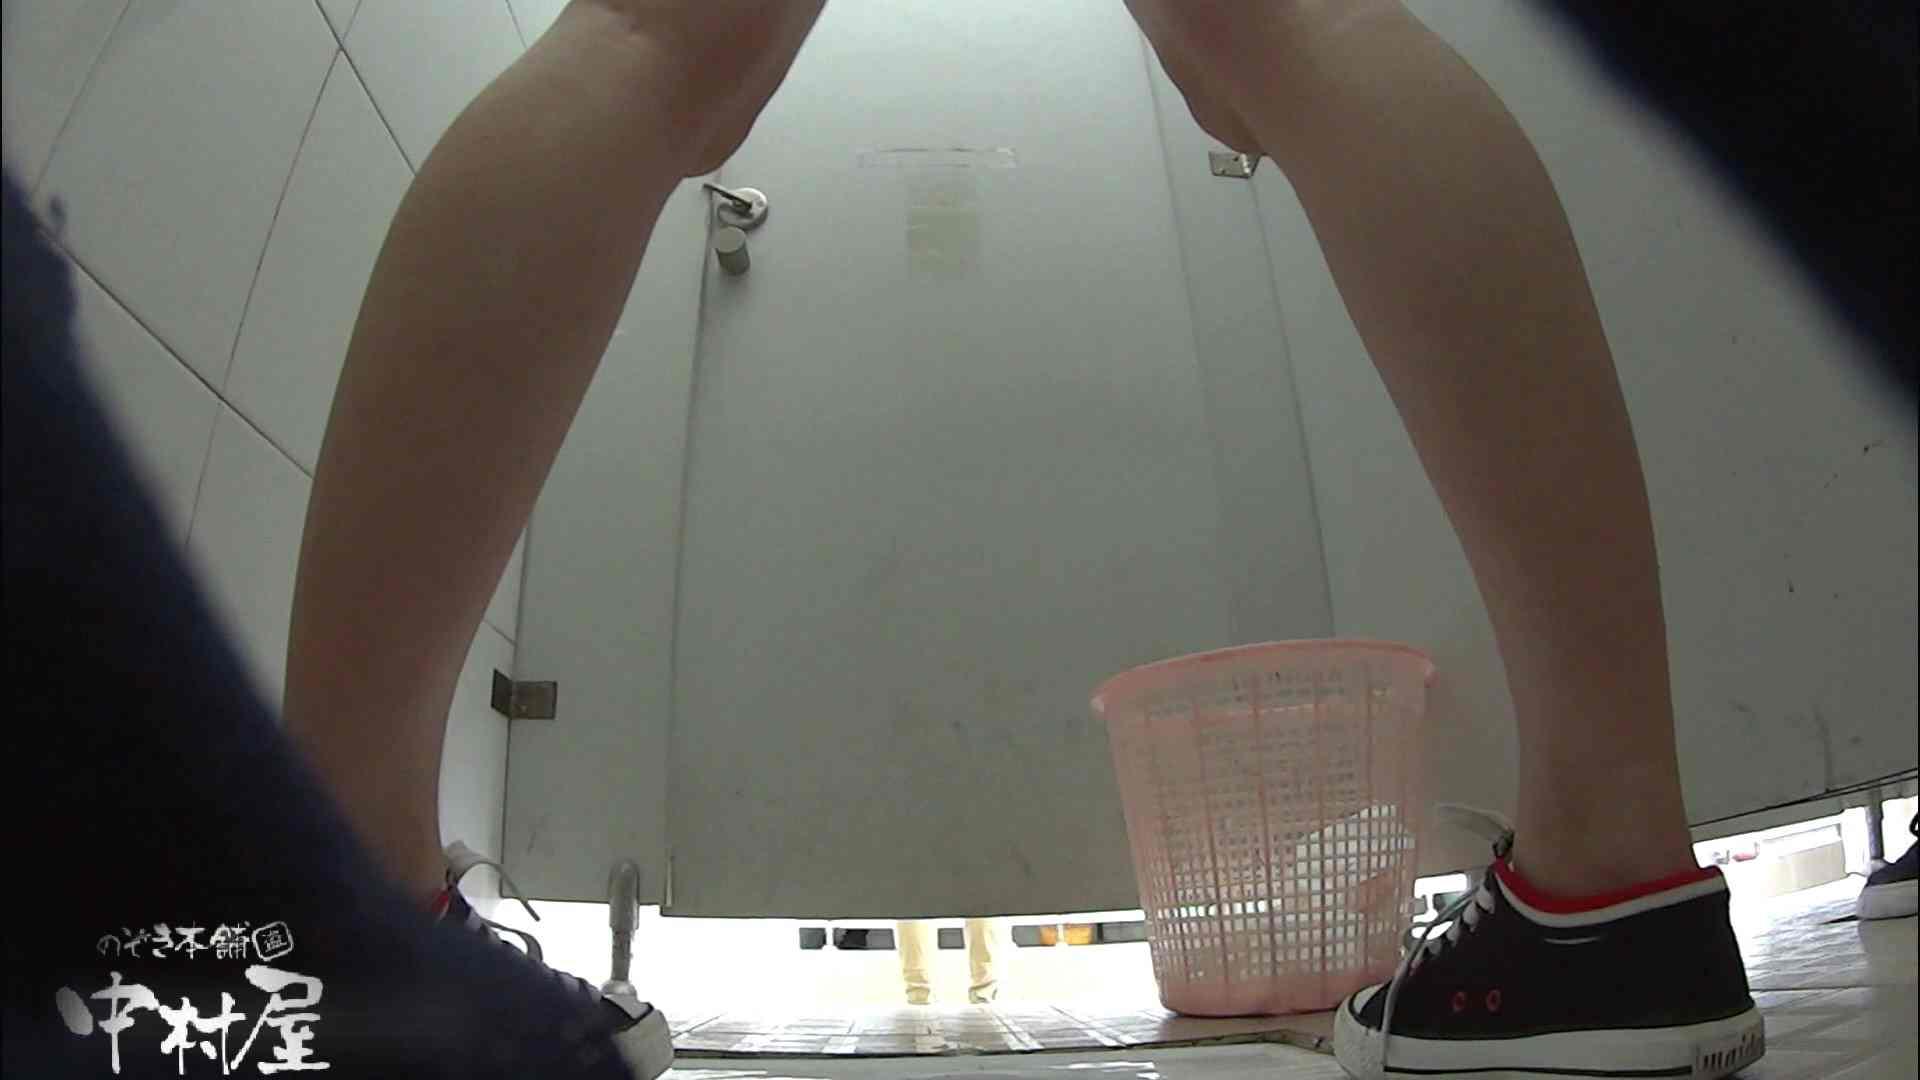 名大学休憩時間の洗面所事情01 盗撮 おまんこ動画流出 54画像 18